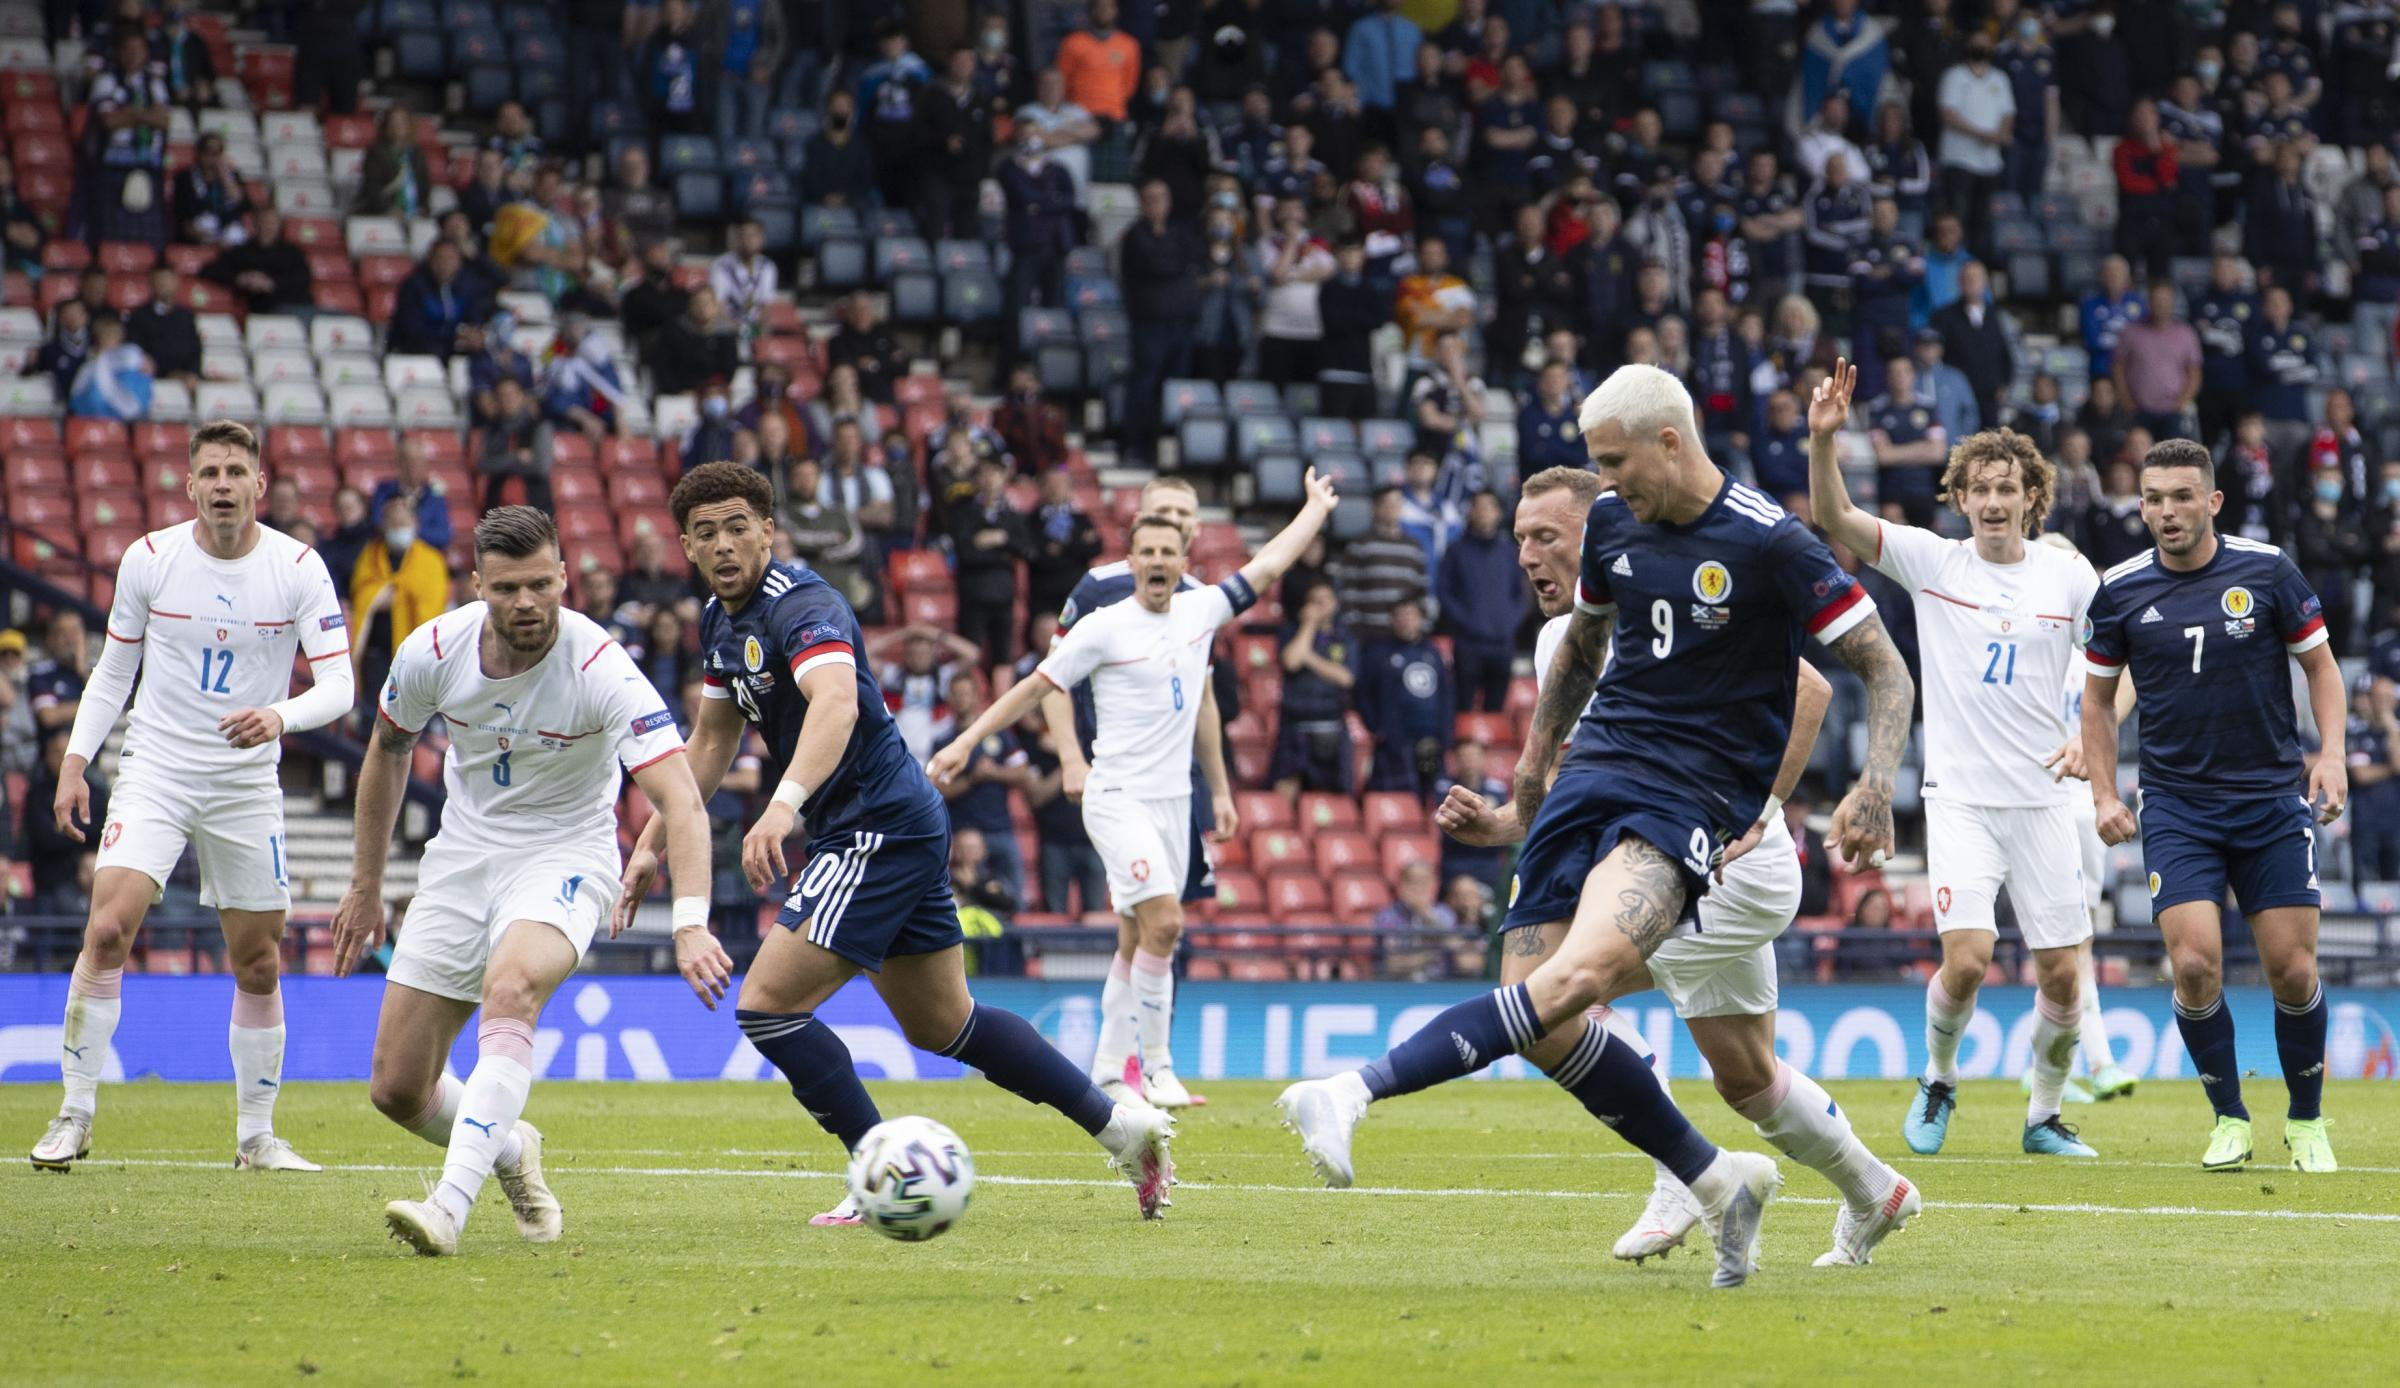 Scotland 0-2 Czech Republic: Patrik Schick double sinks Steve Clarke's men in sickening Euro 2020 opener